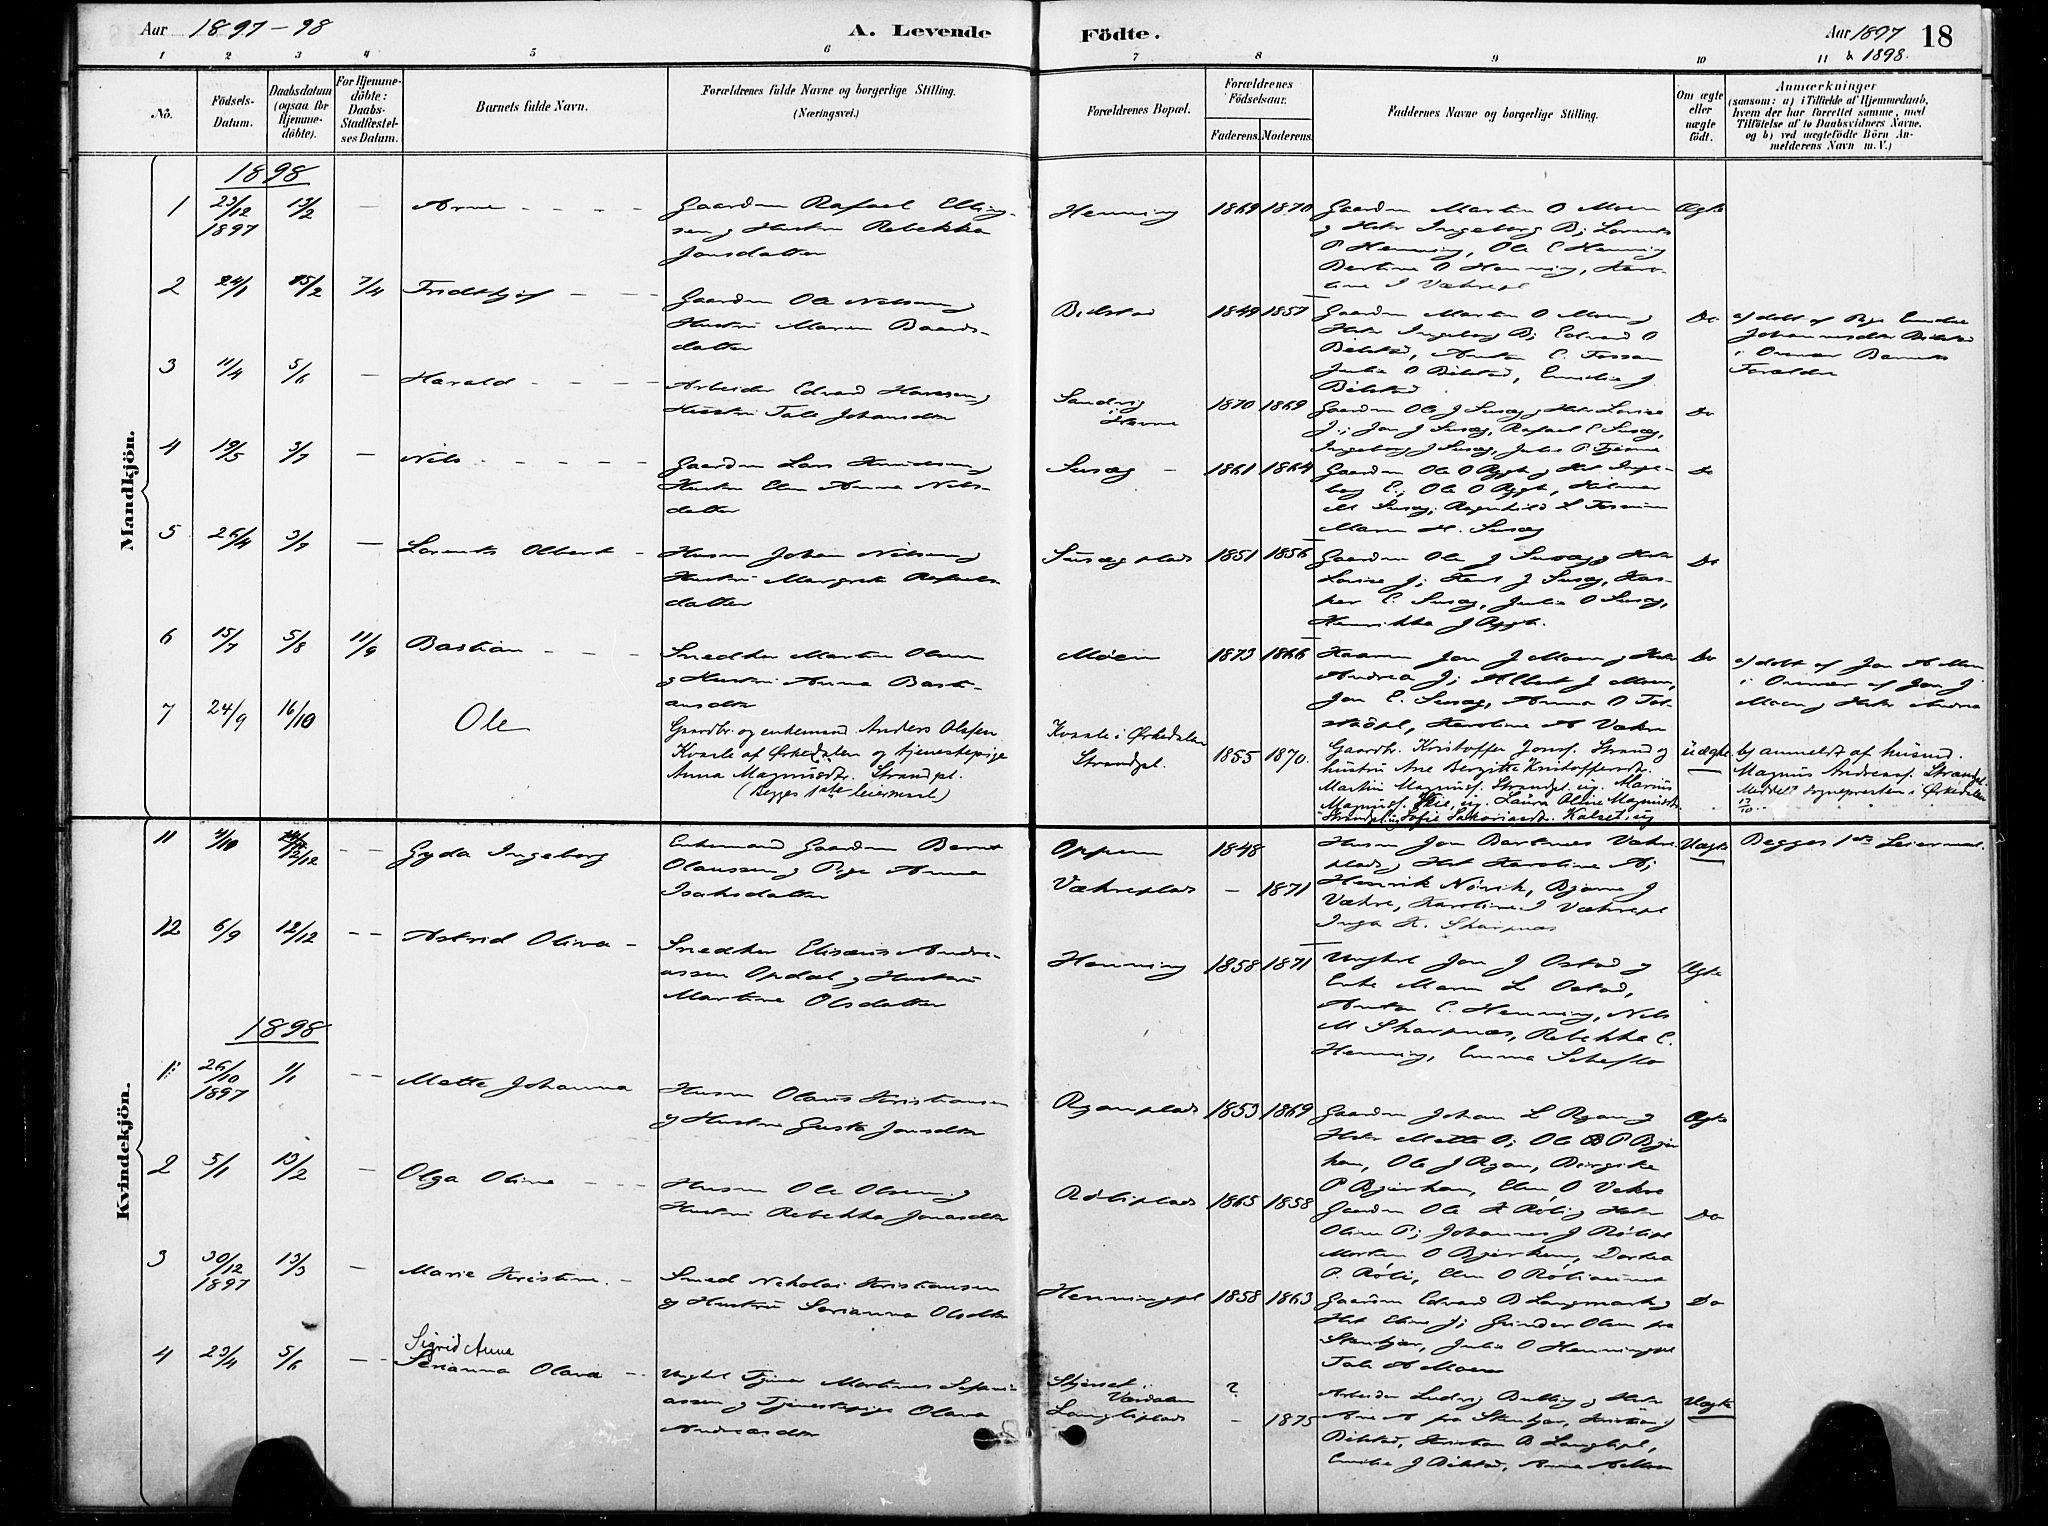 SAT, Ministerialprotokoller, klokkerbøker og fødselsregistre - Nord-Trøndelag, 738/L0364: Ministerialbok nr. 738A01, 1884-1902, s. 18